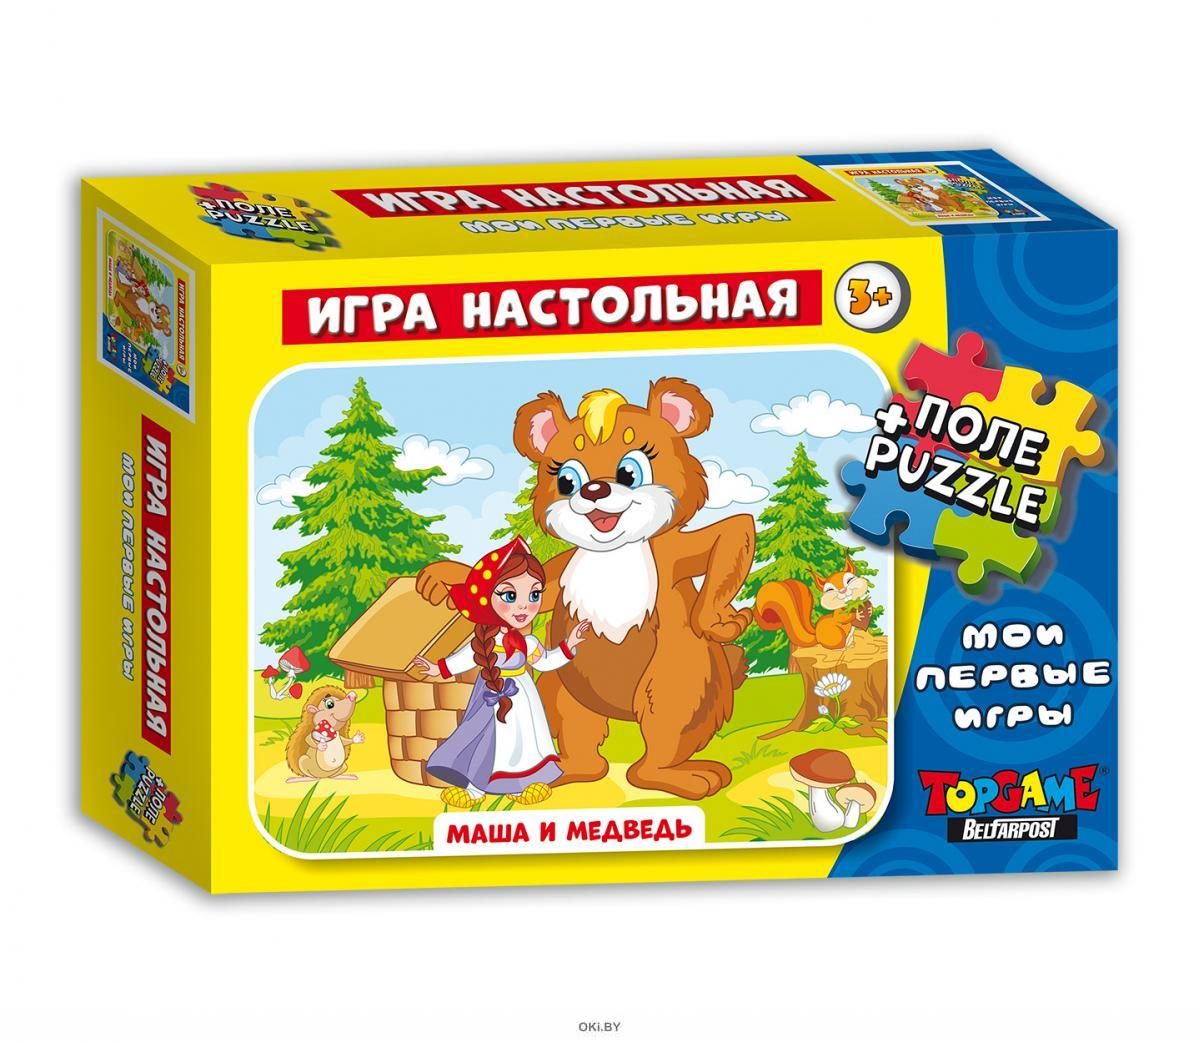 Маша и медвель - игра настольная. ПОЛЕ + ПАЗЛ